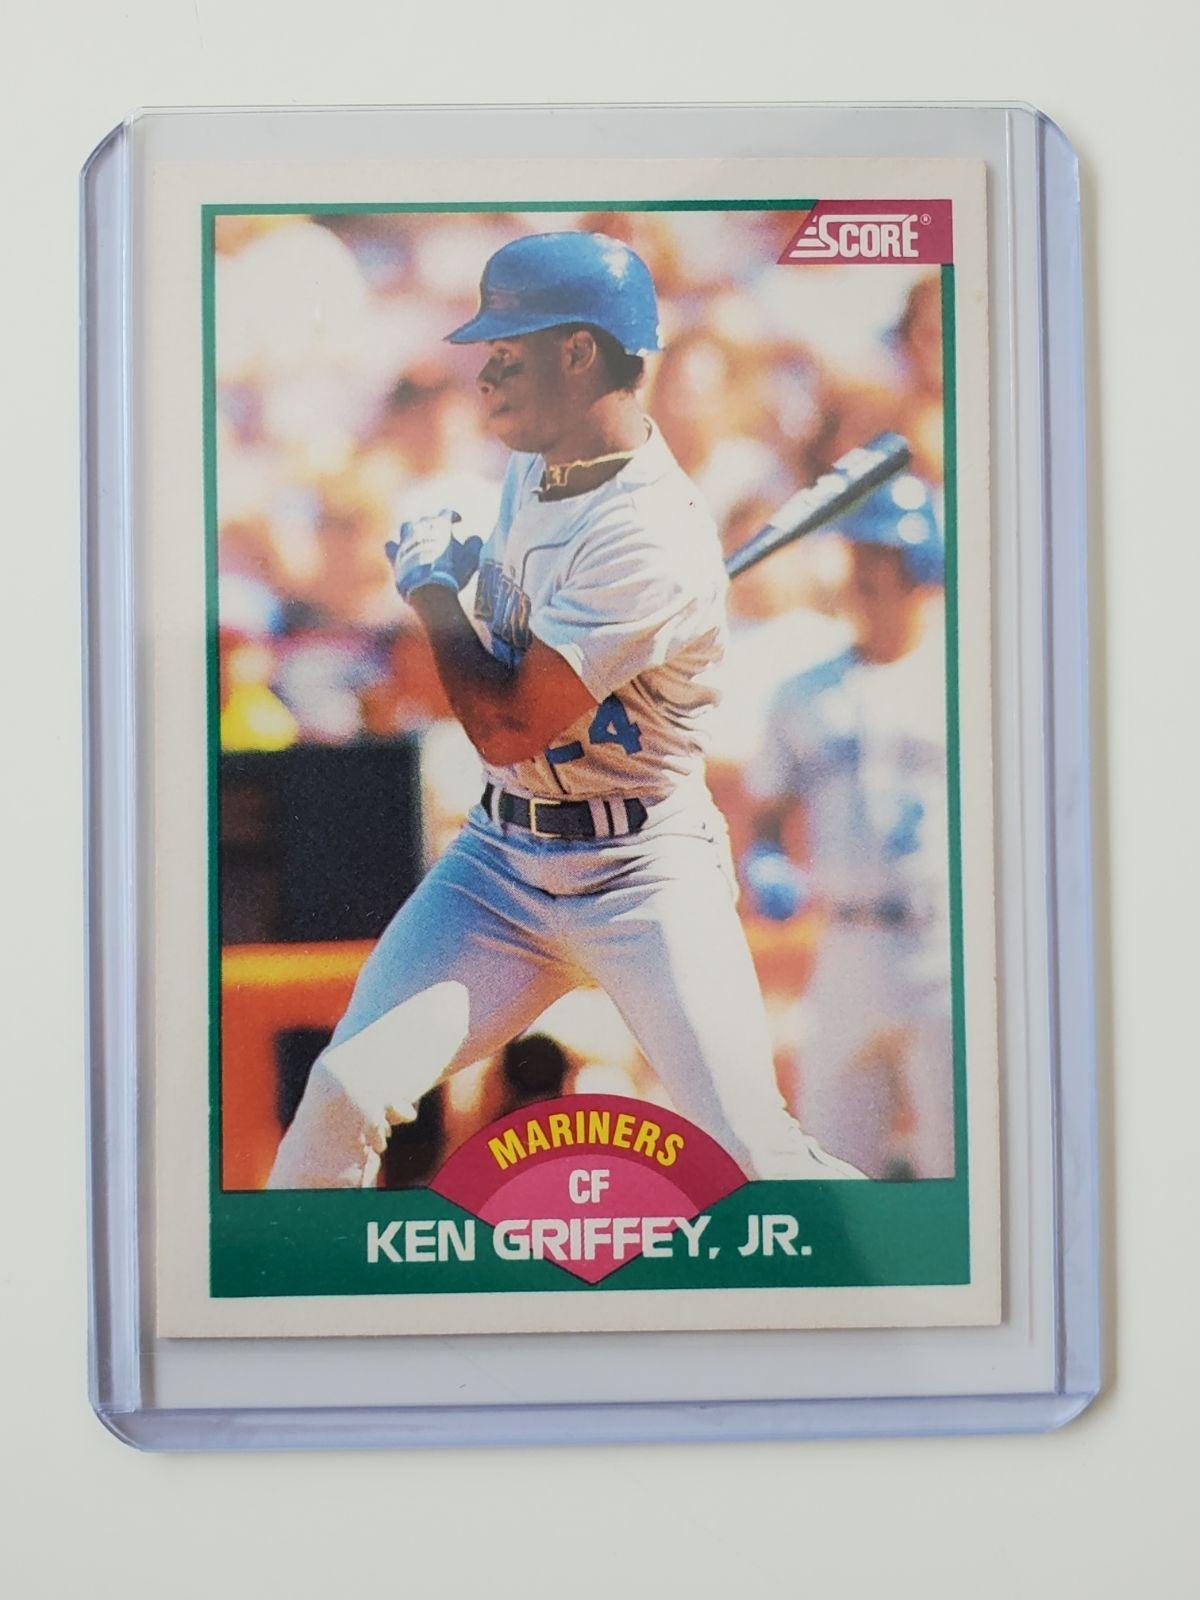 Ken griffey Jr. Score rookie card